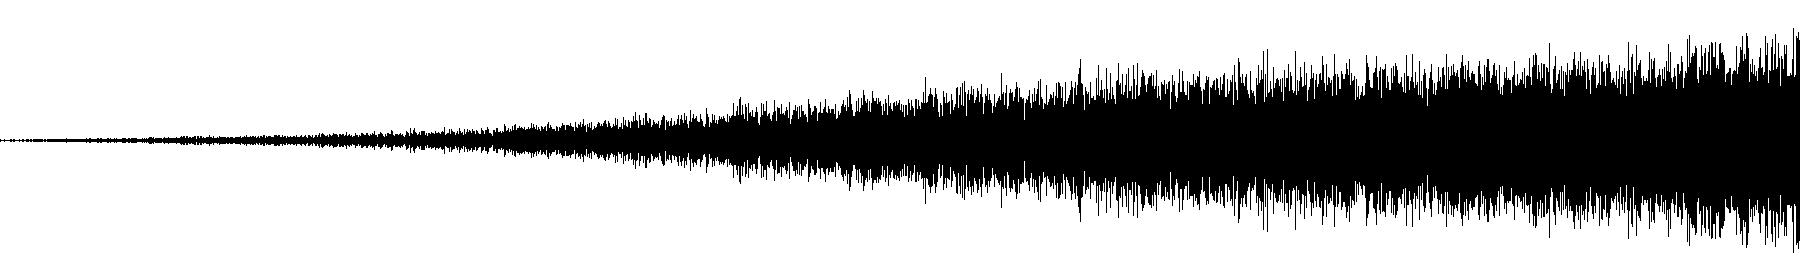 veh3 fx 005